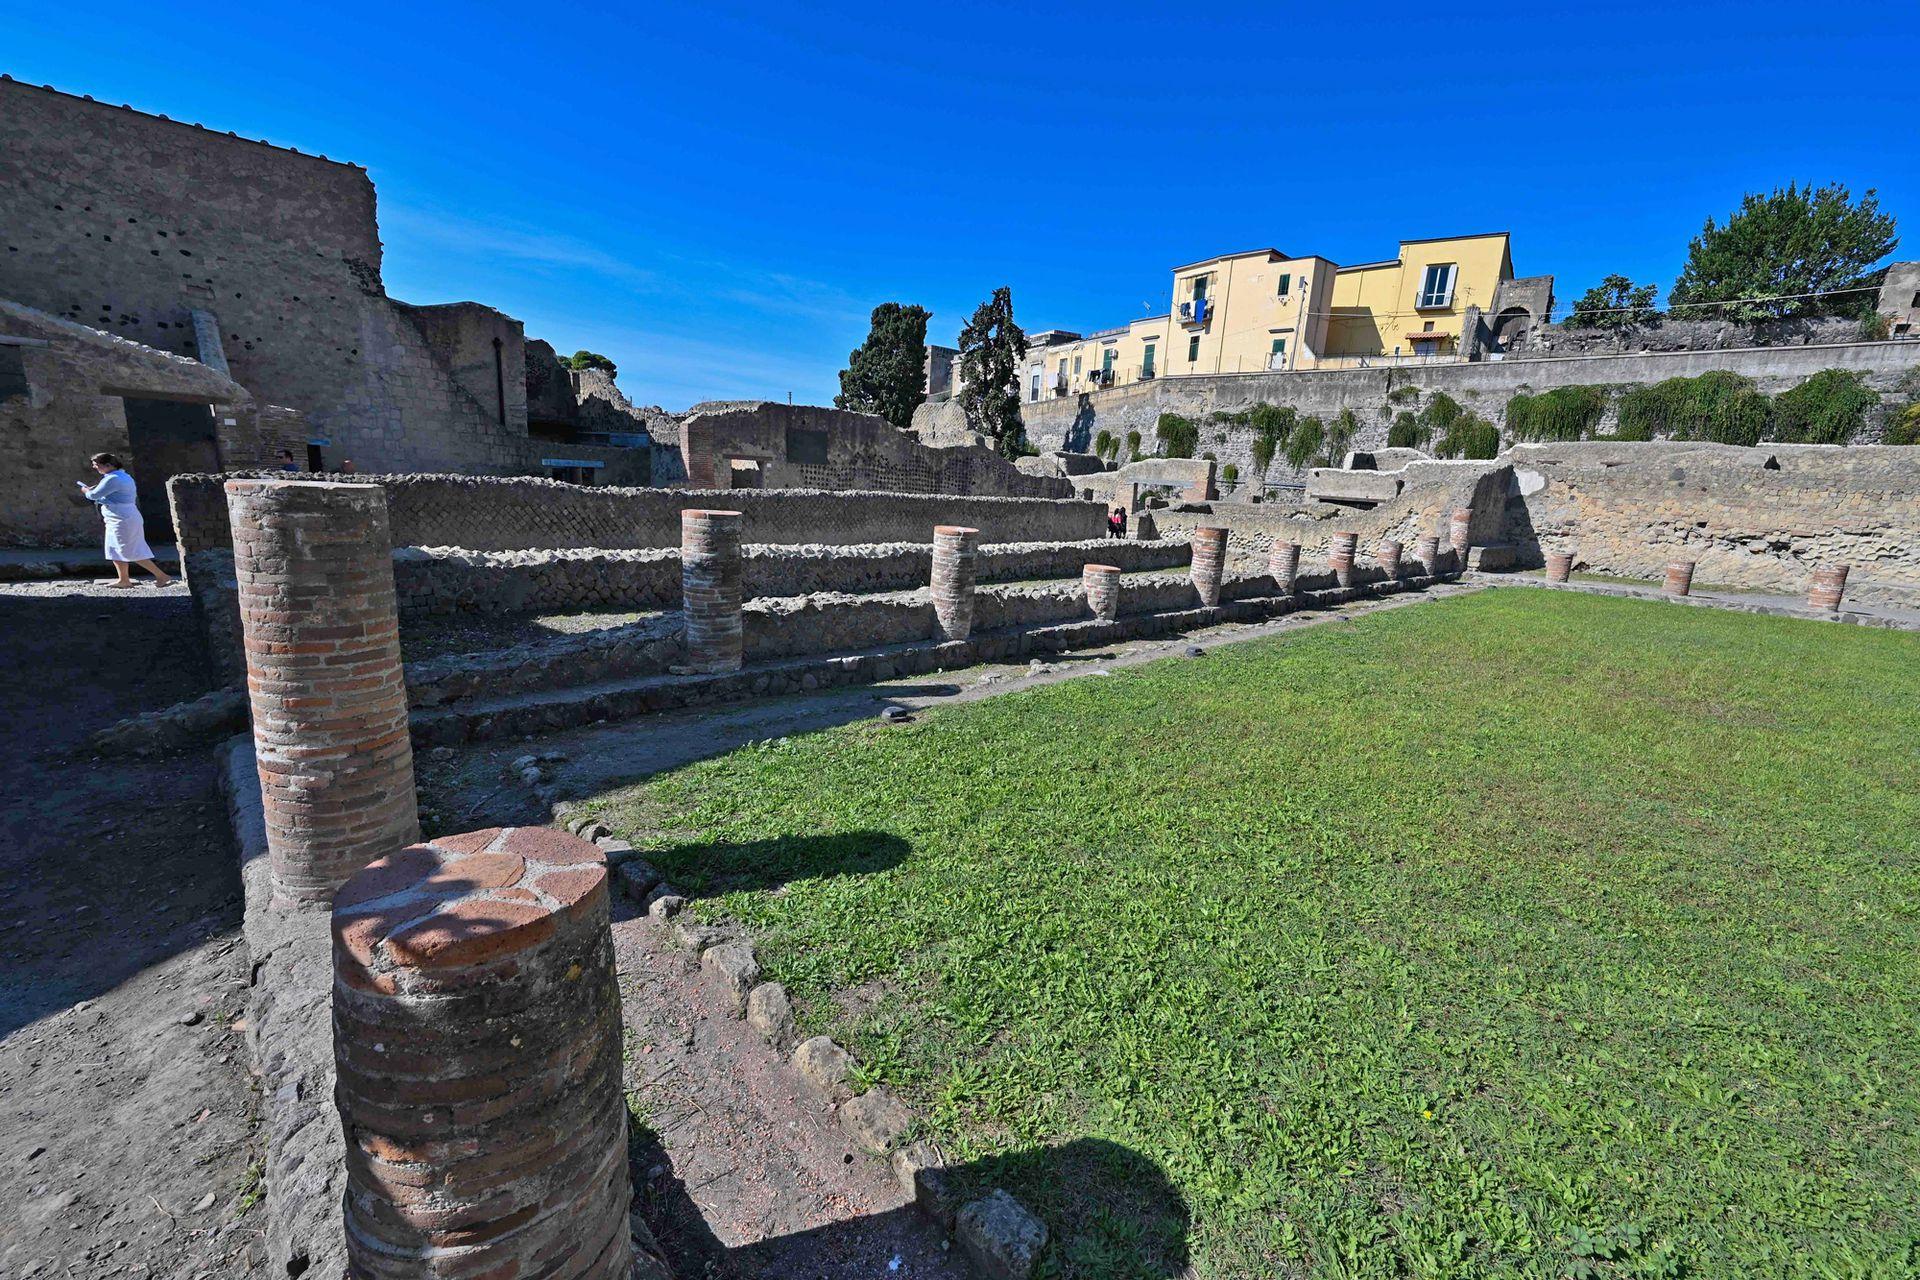 El sitio es más pequeño que su vecina Pompeya pero se dice que sus habitantes eran personas más adineradas